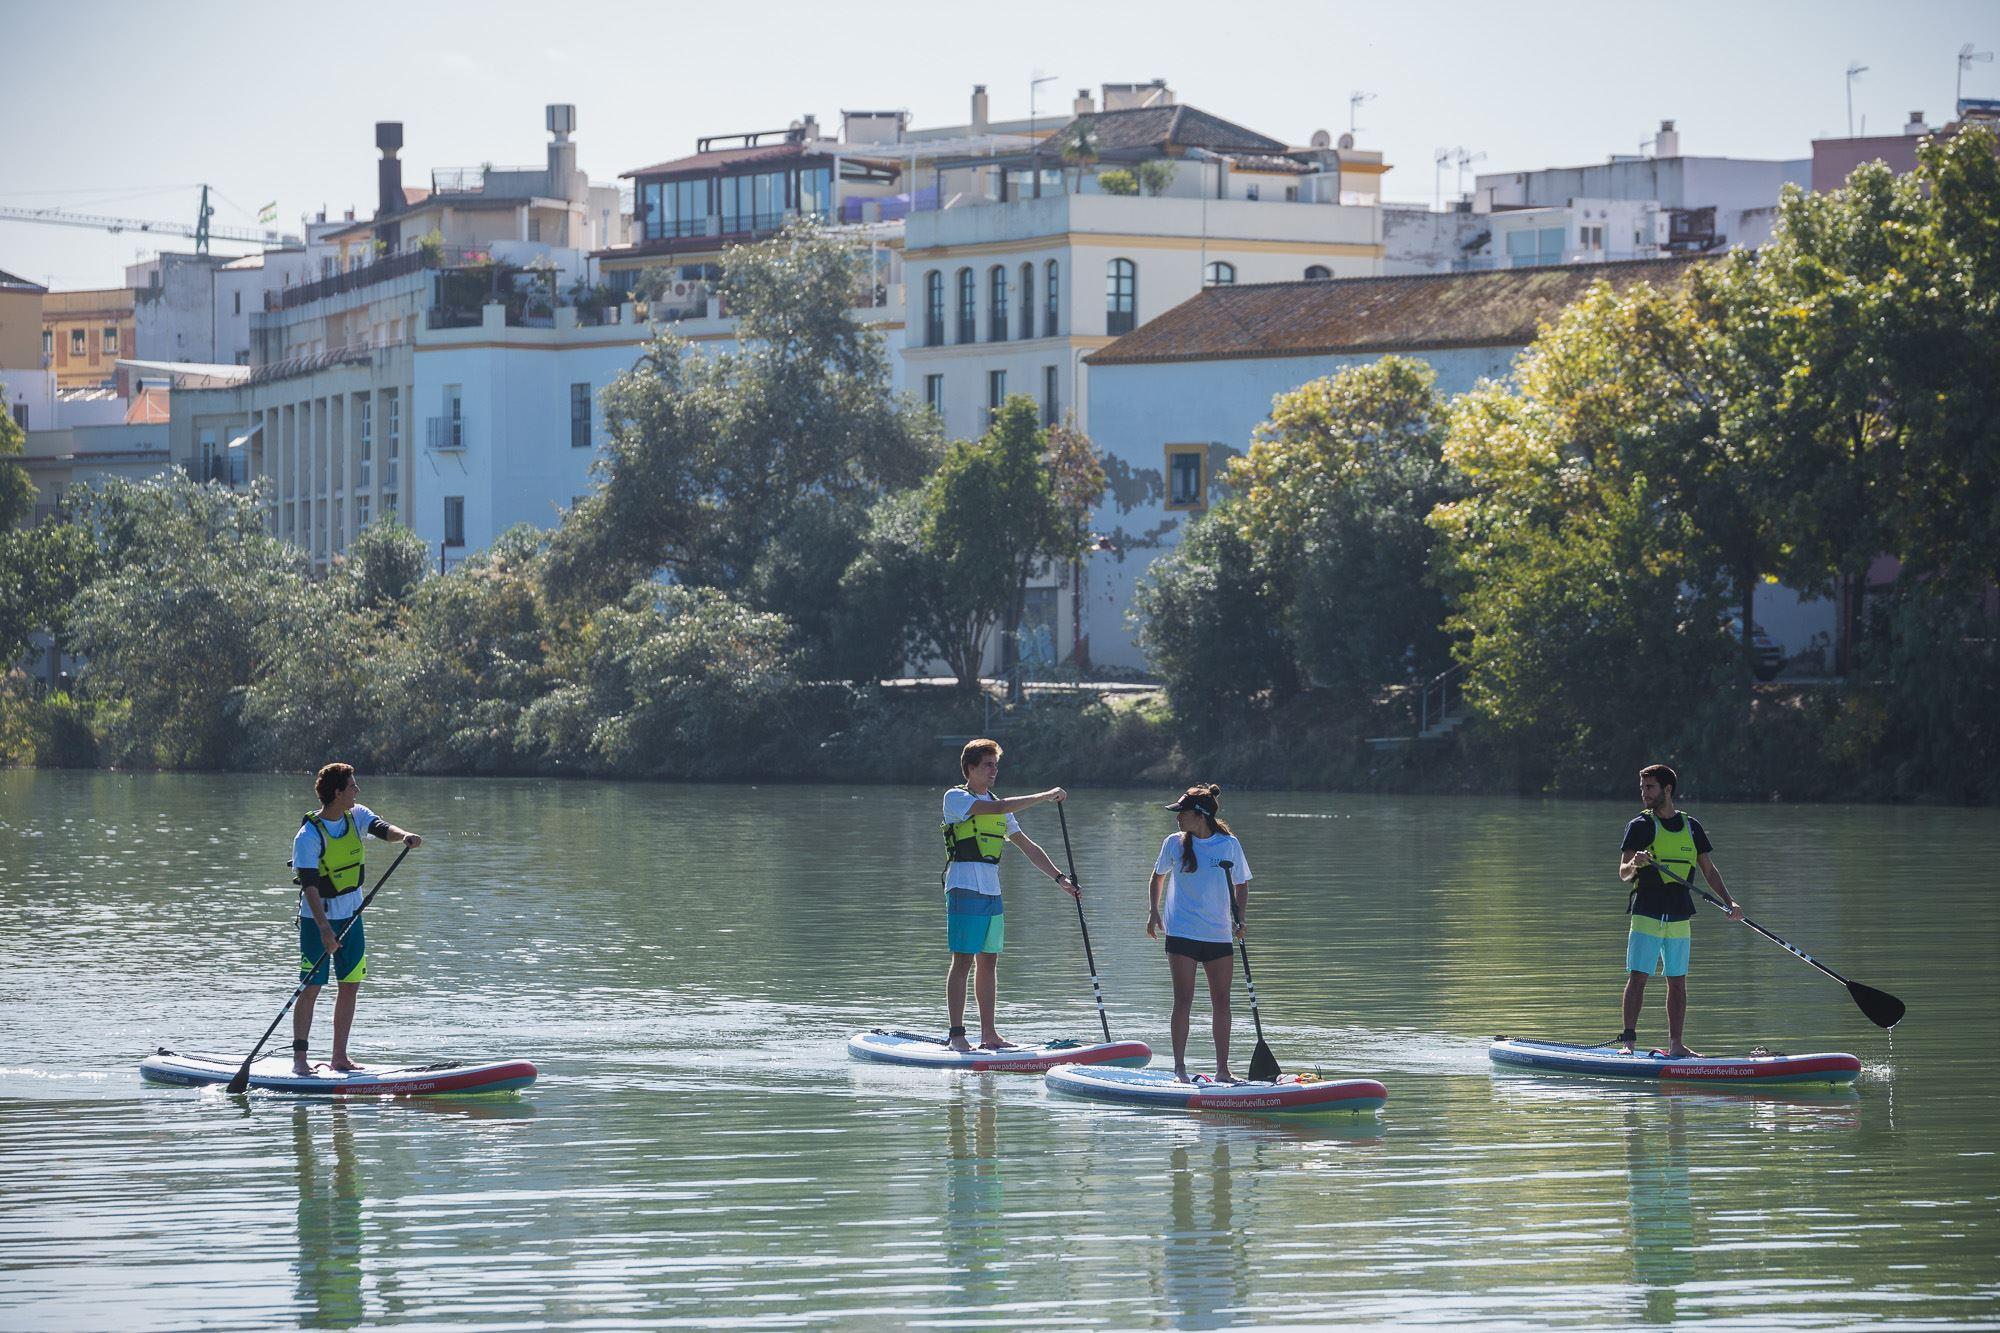 El recorrido incluye La Isla de la Cartuja, el barrio de Triana y el casco histórico, entre otras paradas.